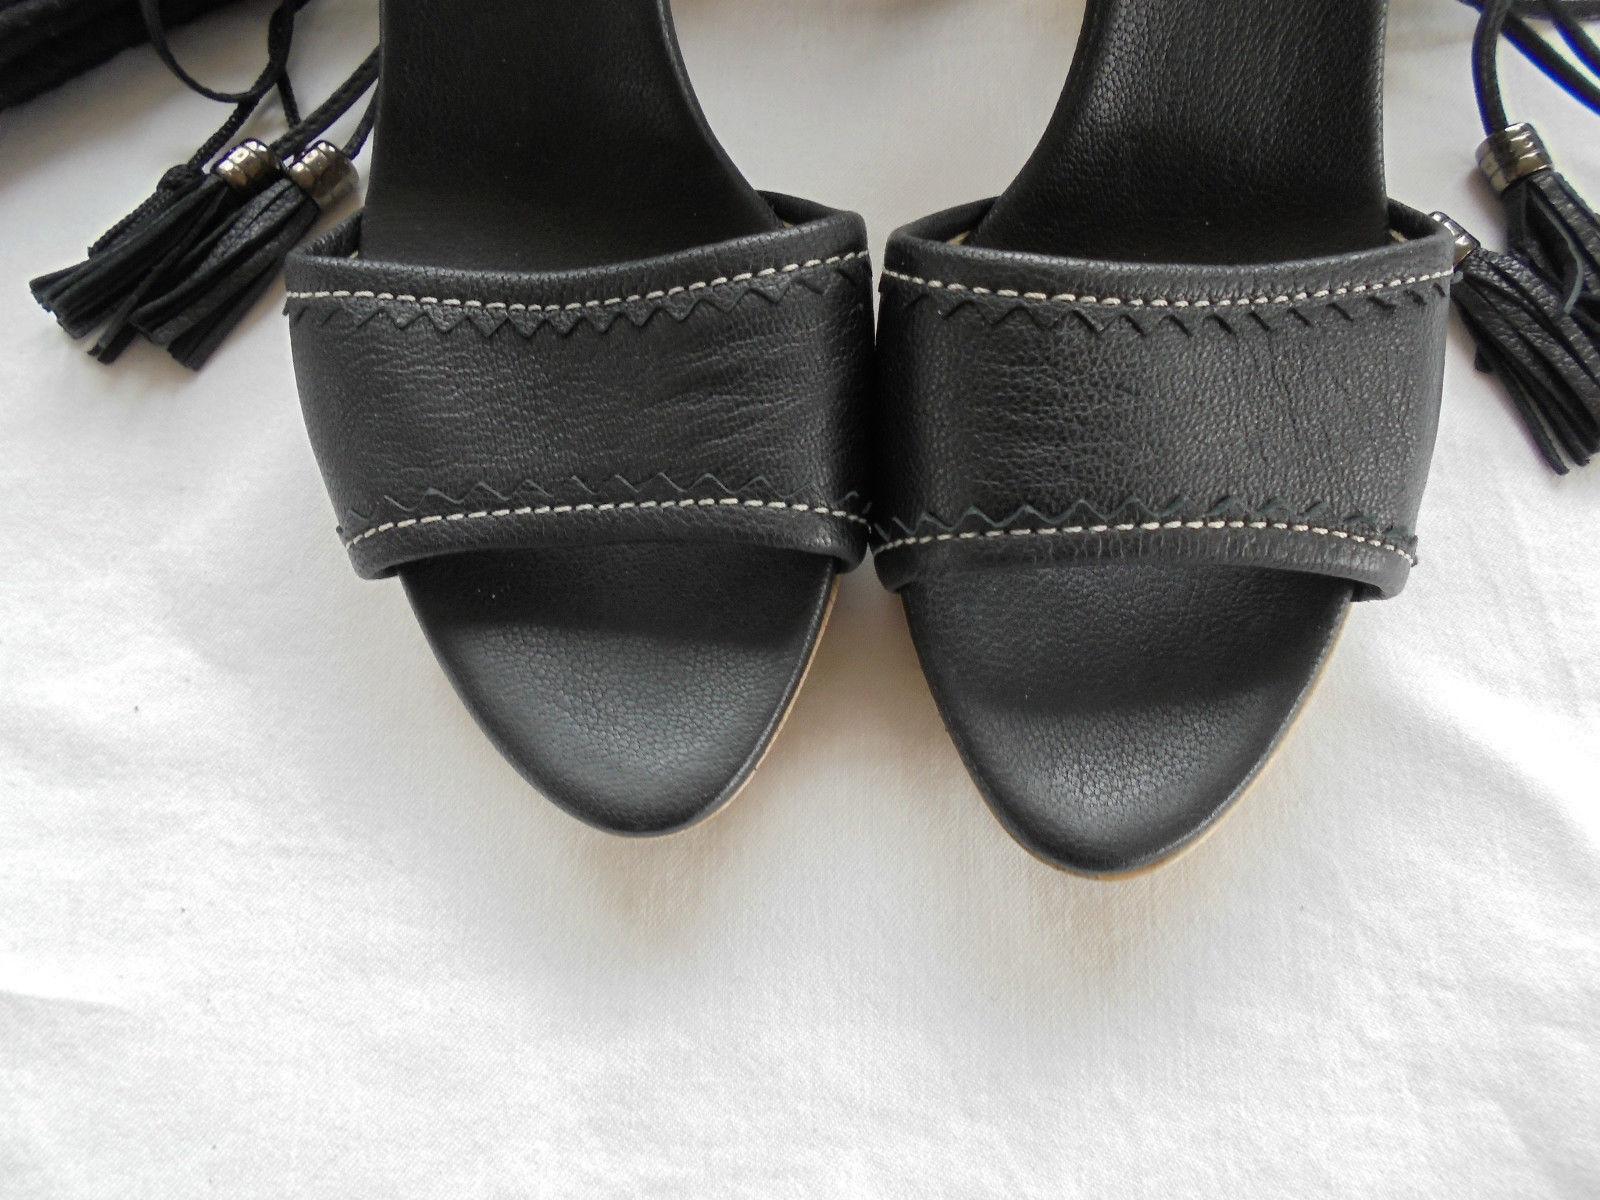 Hugo Boss Leder High Heels NP:  w NEU Clogs 39 Sandalen Schuhe Pumps Gr. 39 Clogs 06732d